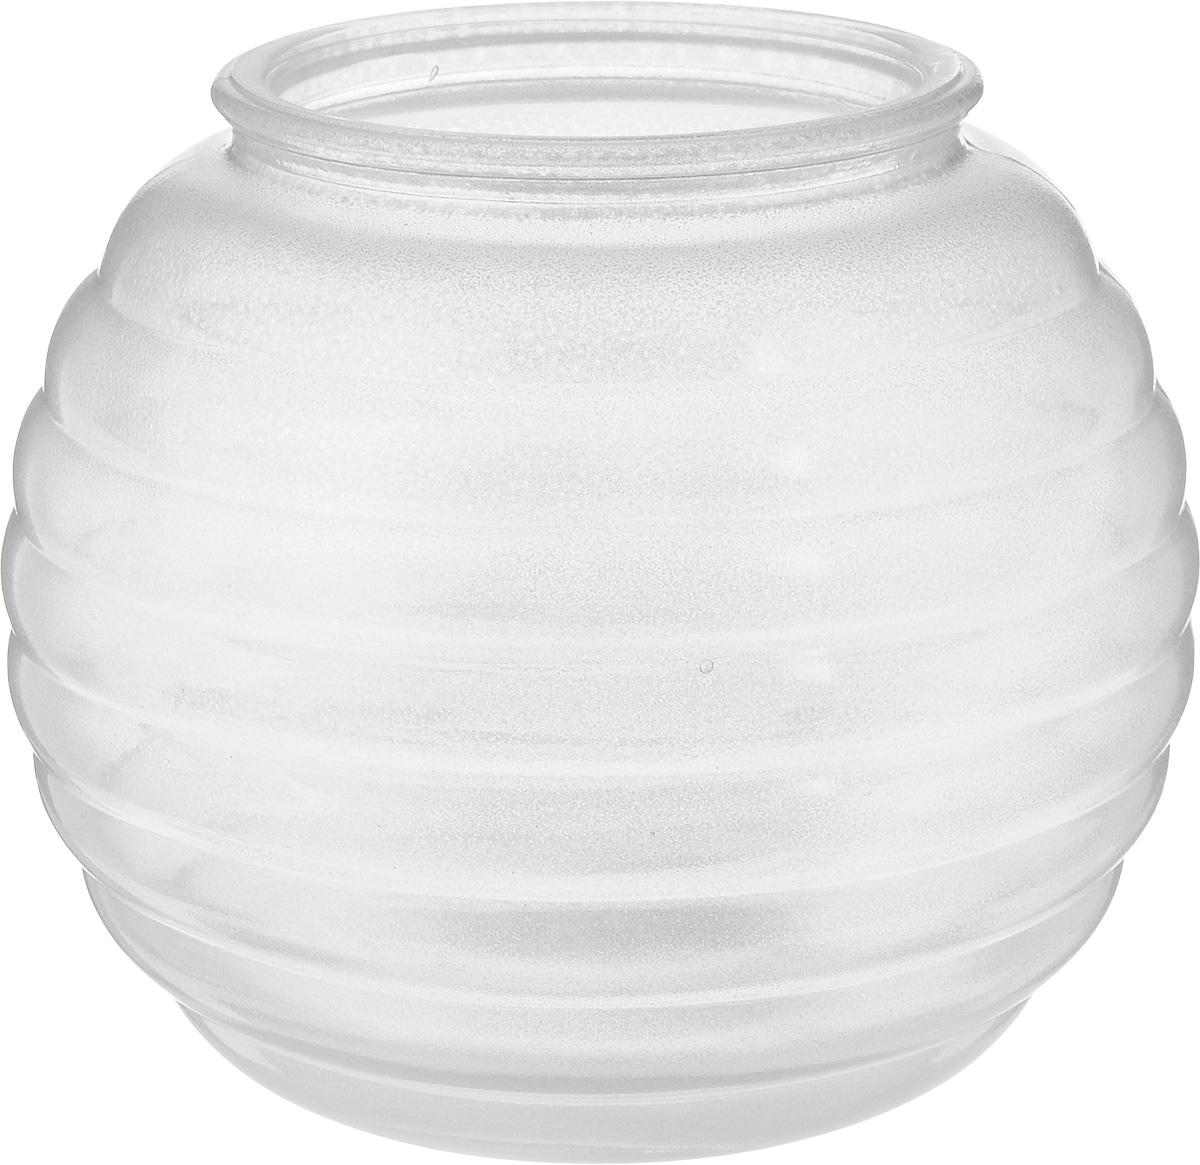 Ваза NiNaGlass Зара, цвет: серебряный, высота 13,3 см92-006_серебряныйВаза NiNaGlass Зара выполнена из высококачественного стекла и оформлена изящным рельефом. Такая ваза станет ярким украшением интерьера и прекрасным подарком к любому случаю.Высота вазы: 13,3 см.Диаметр вазы (по верхнему краю): 8 см.